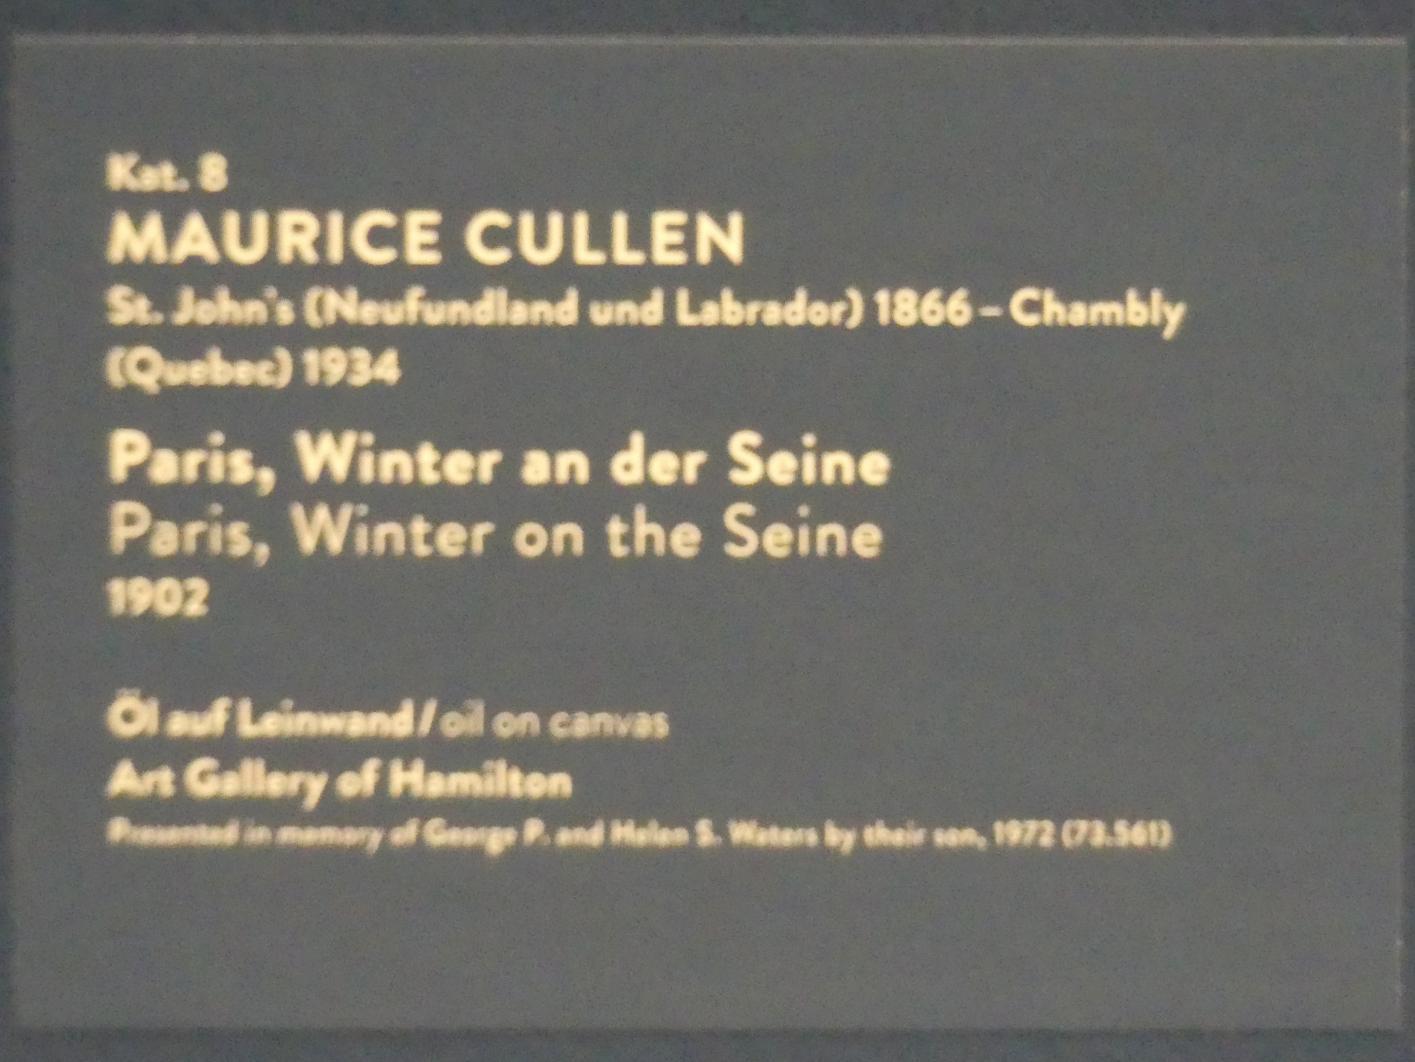 Maurice Galbraith Cullen: Paris, Winter an der Seine, 1902, Bild 2/2